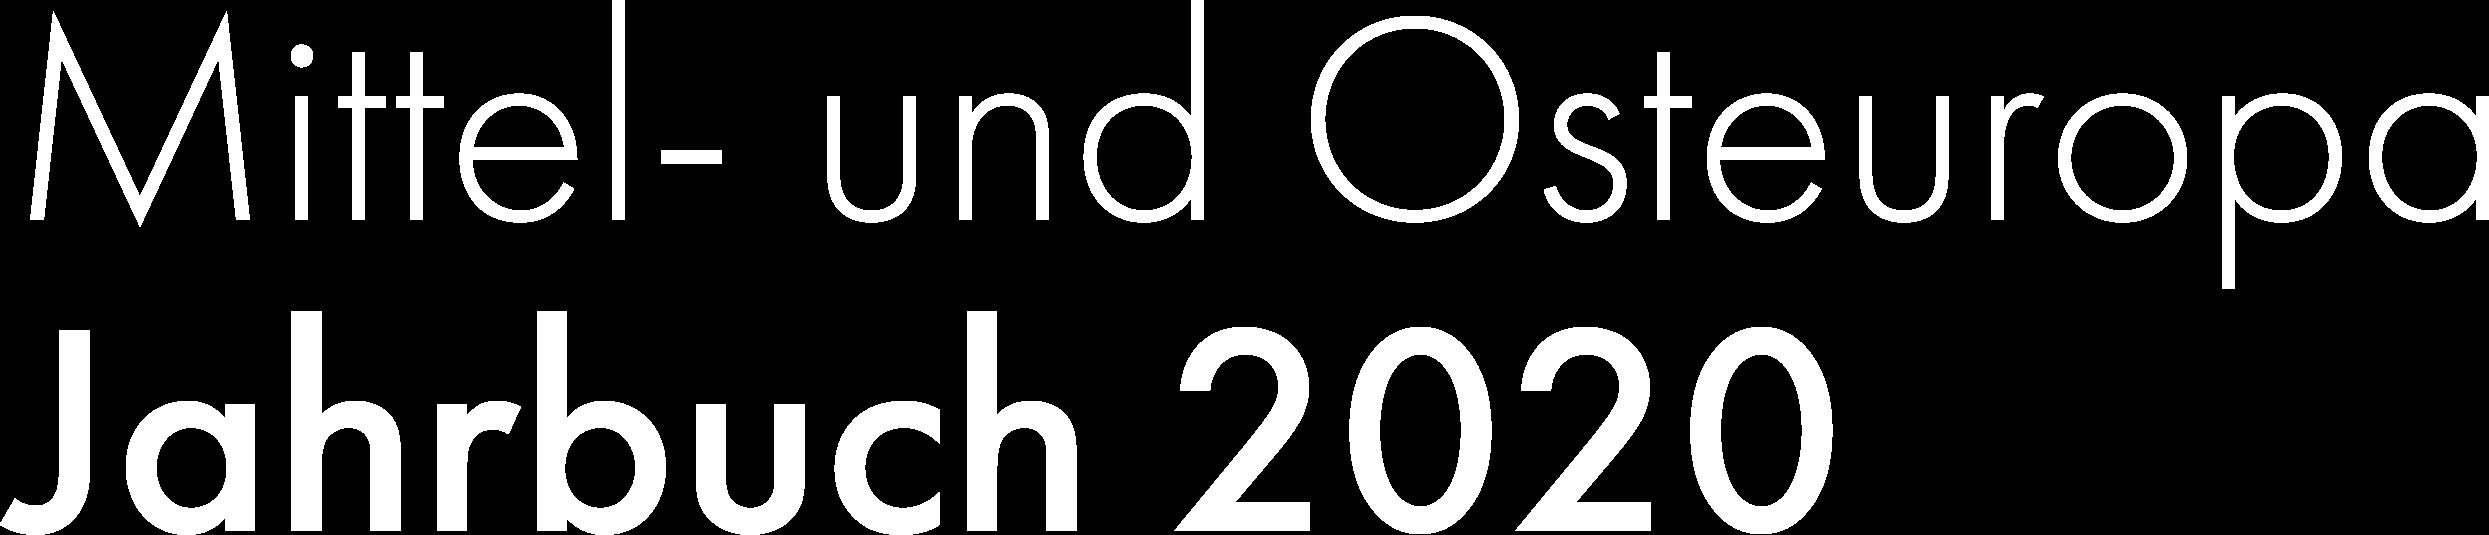 https://owc.de/wp-content/uploads/2020/04/Unbenannt-4.png